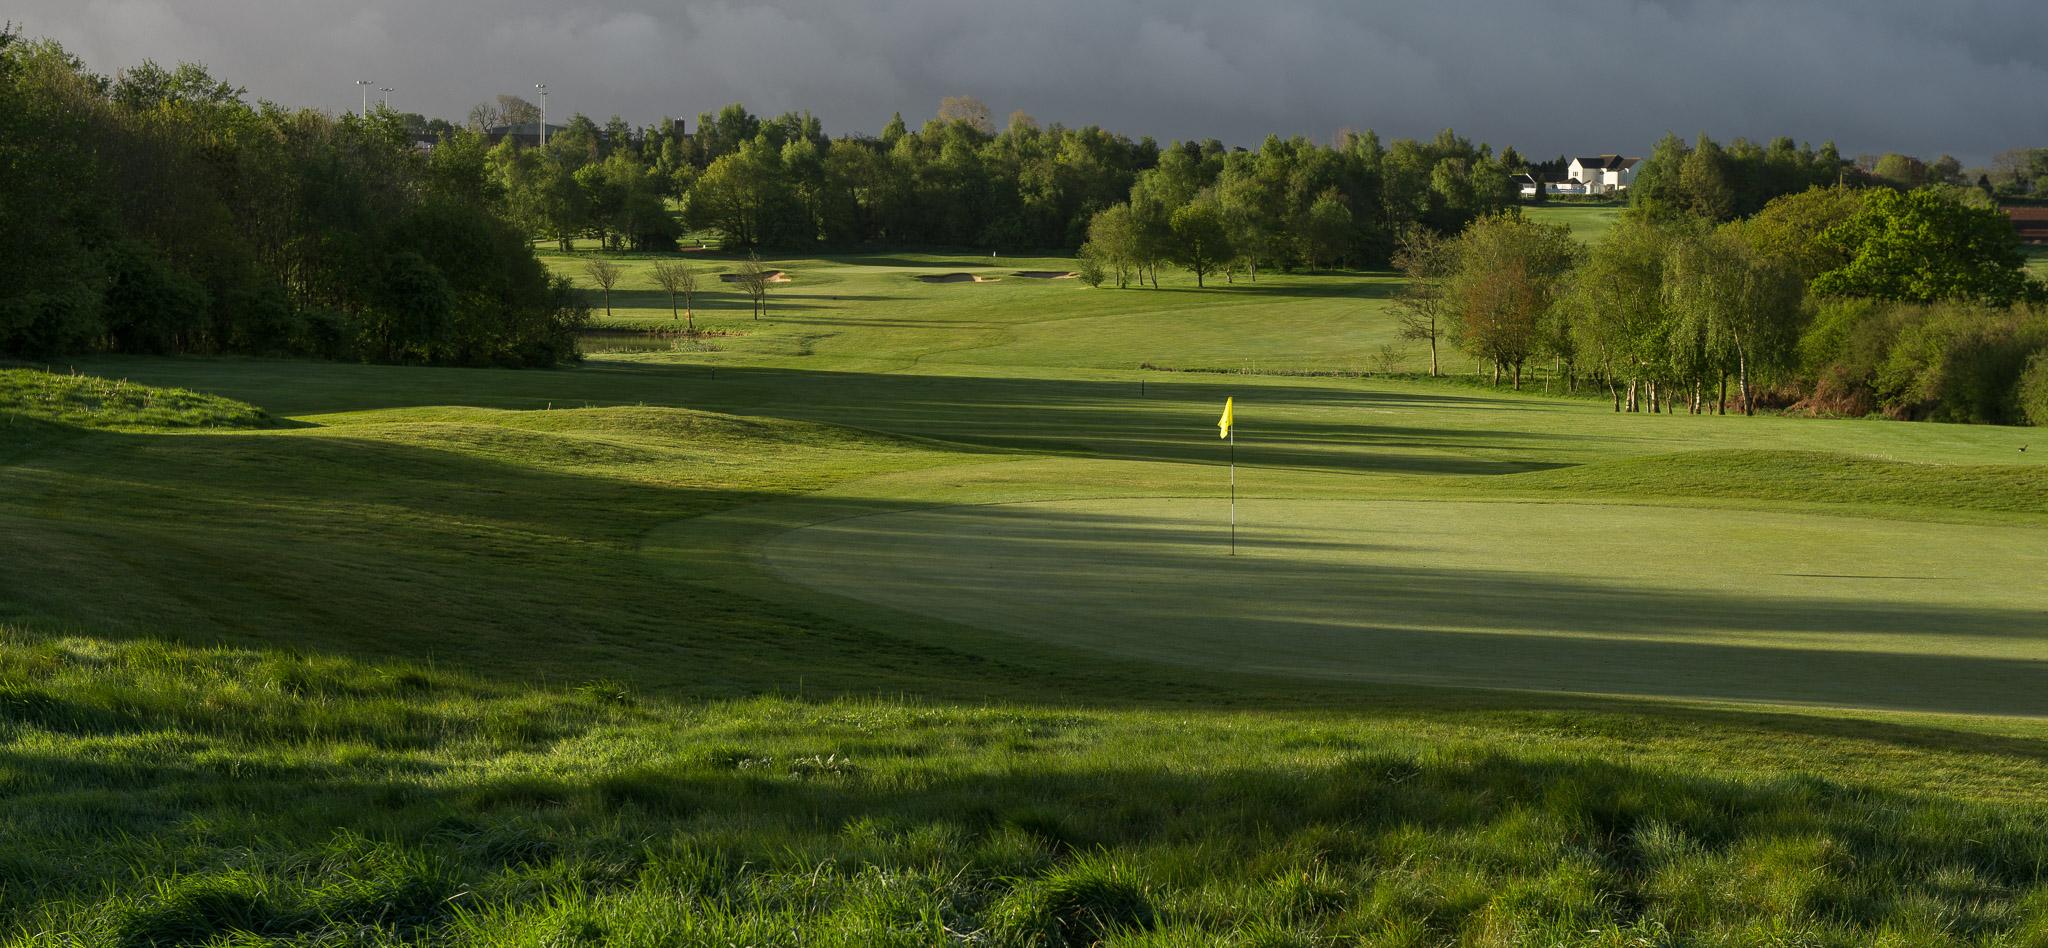 BGL_Thornbury_GolfCourse_AndyHiseman_72dpi_EmailWeb-32.jpg